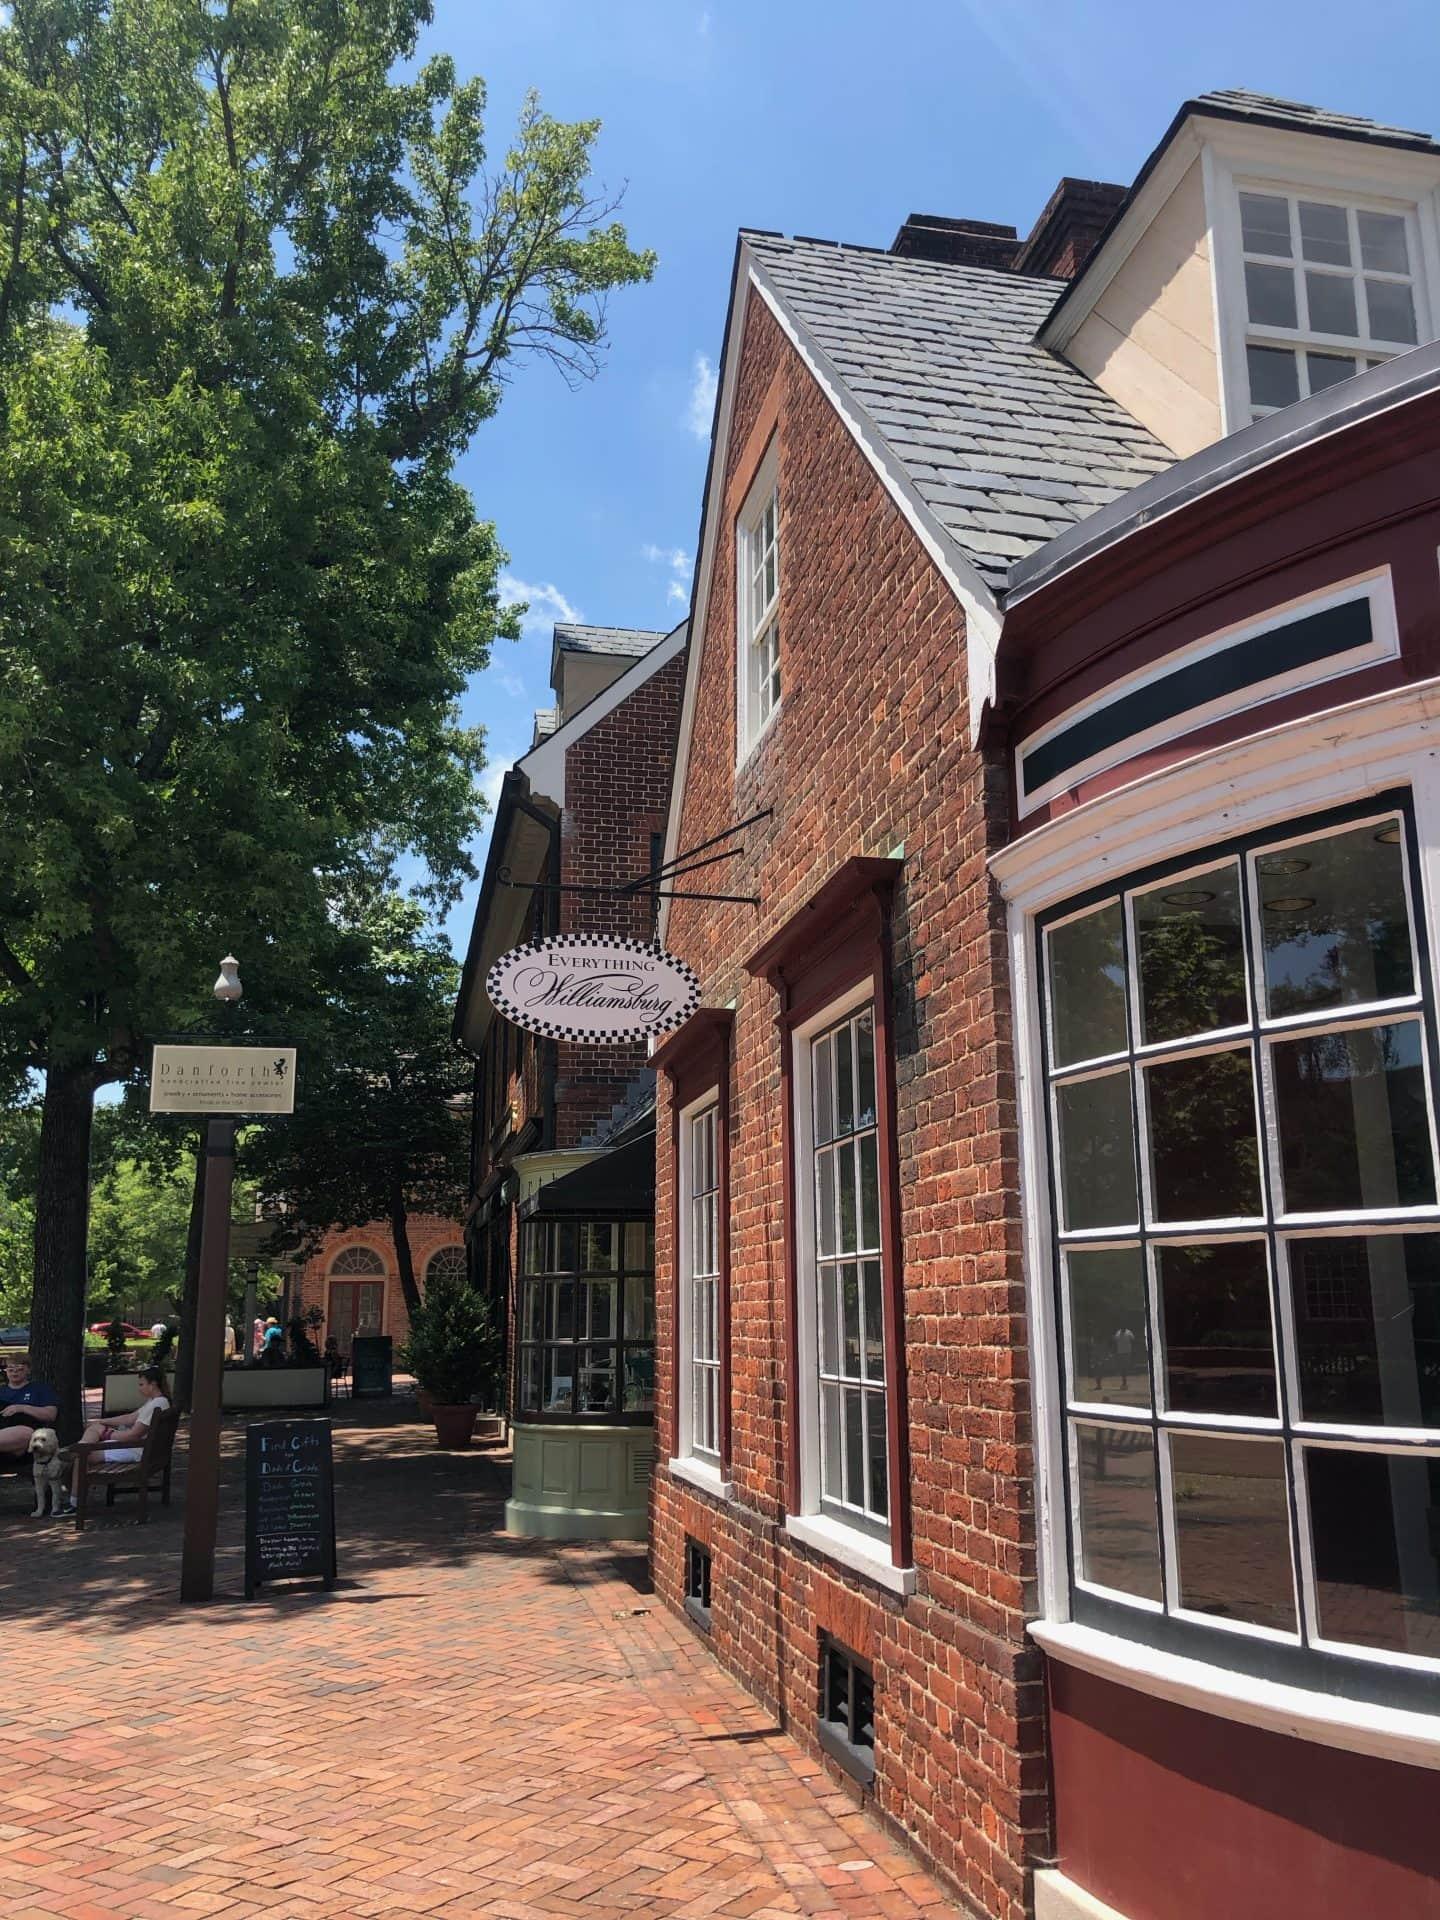 merchants square in Williamsburg Virginia